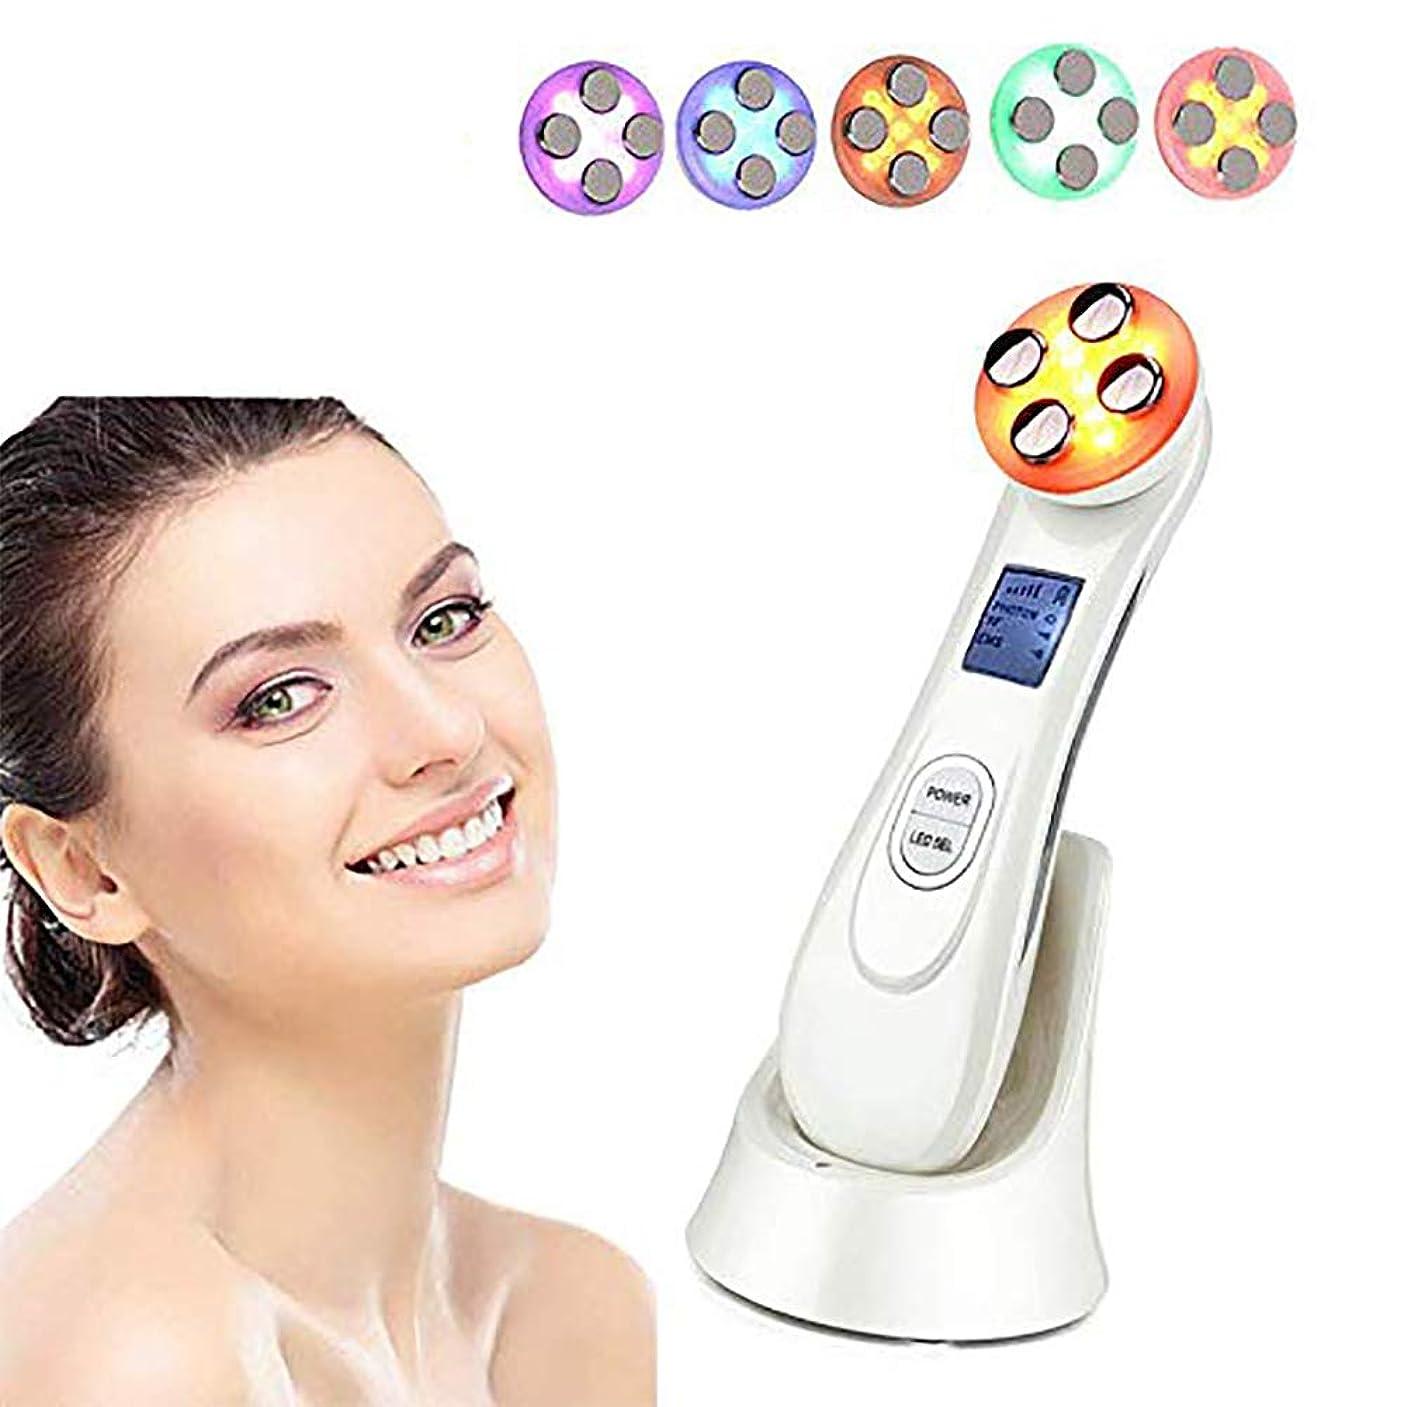 柔和新しい意味結婚多機能EMSエレクトロポレーション美容器具RF無線周波数美容デバイスLEDフォトンスキンケアマッサージャー,白